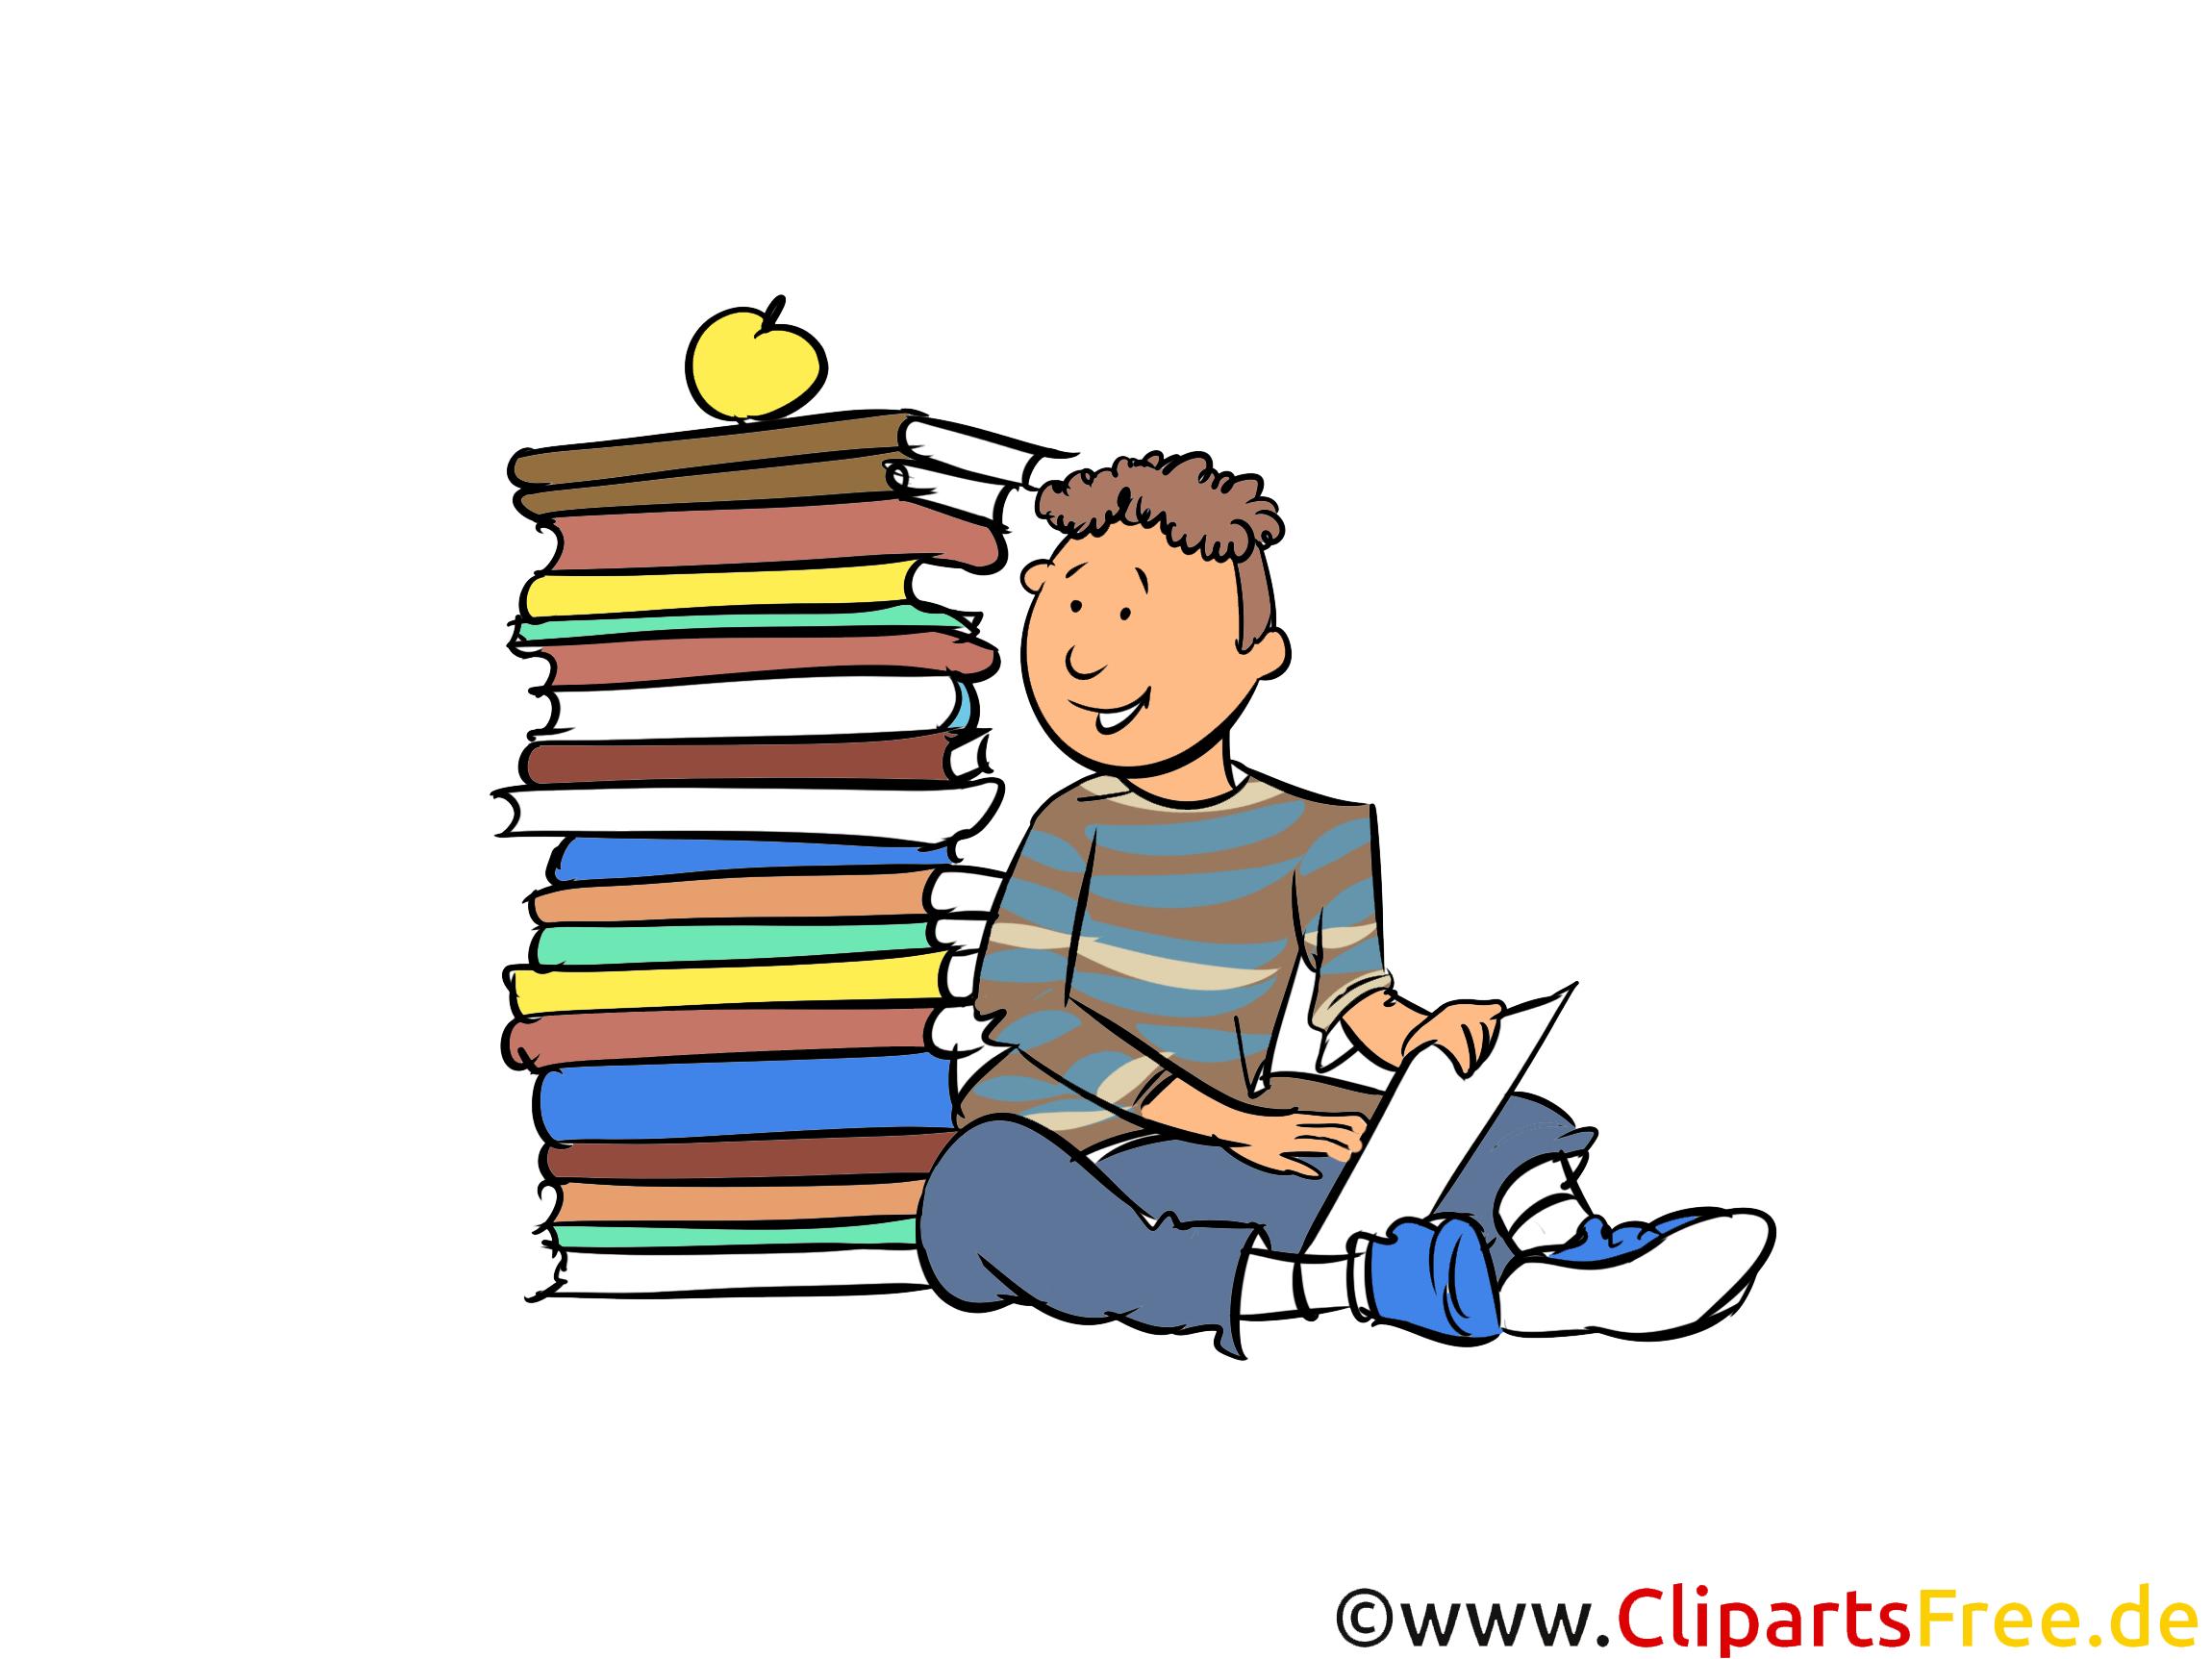 Stapel Bücher Bild, Clipart, Comic, Cartoon